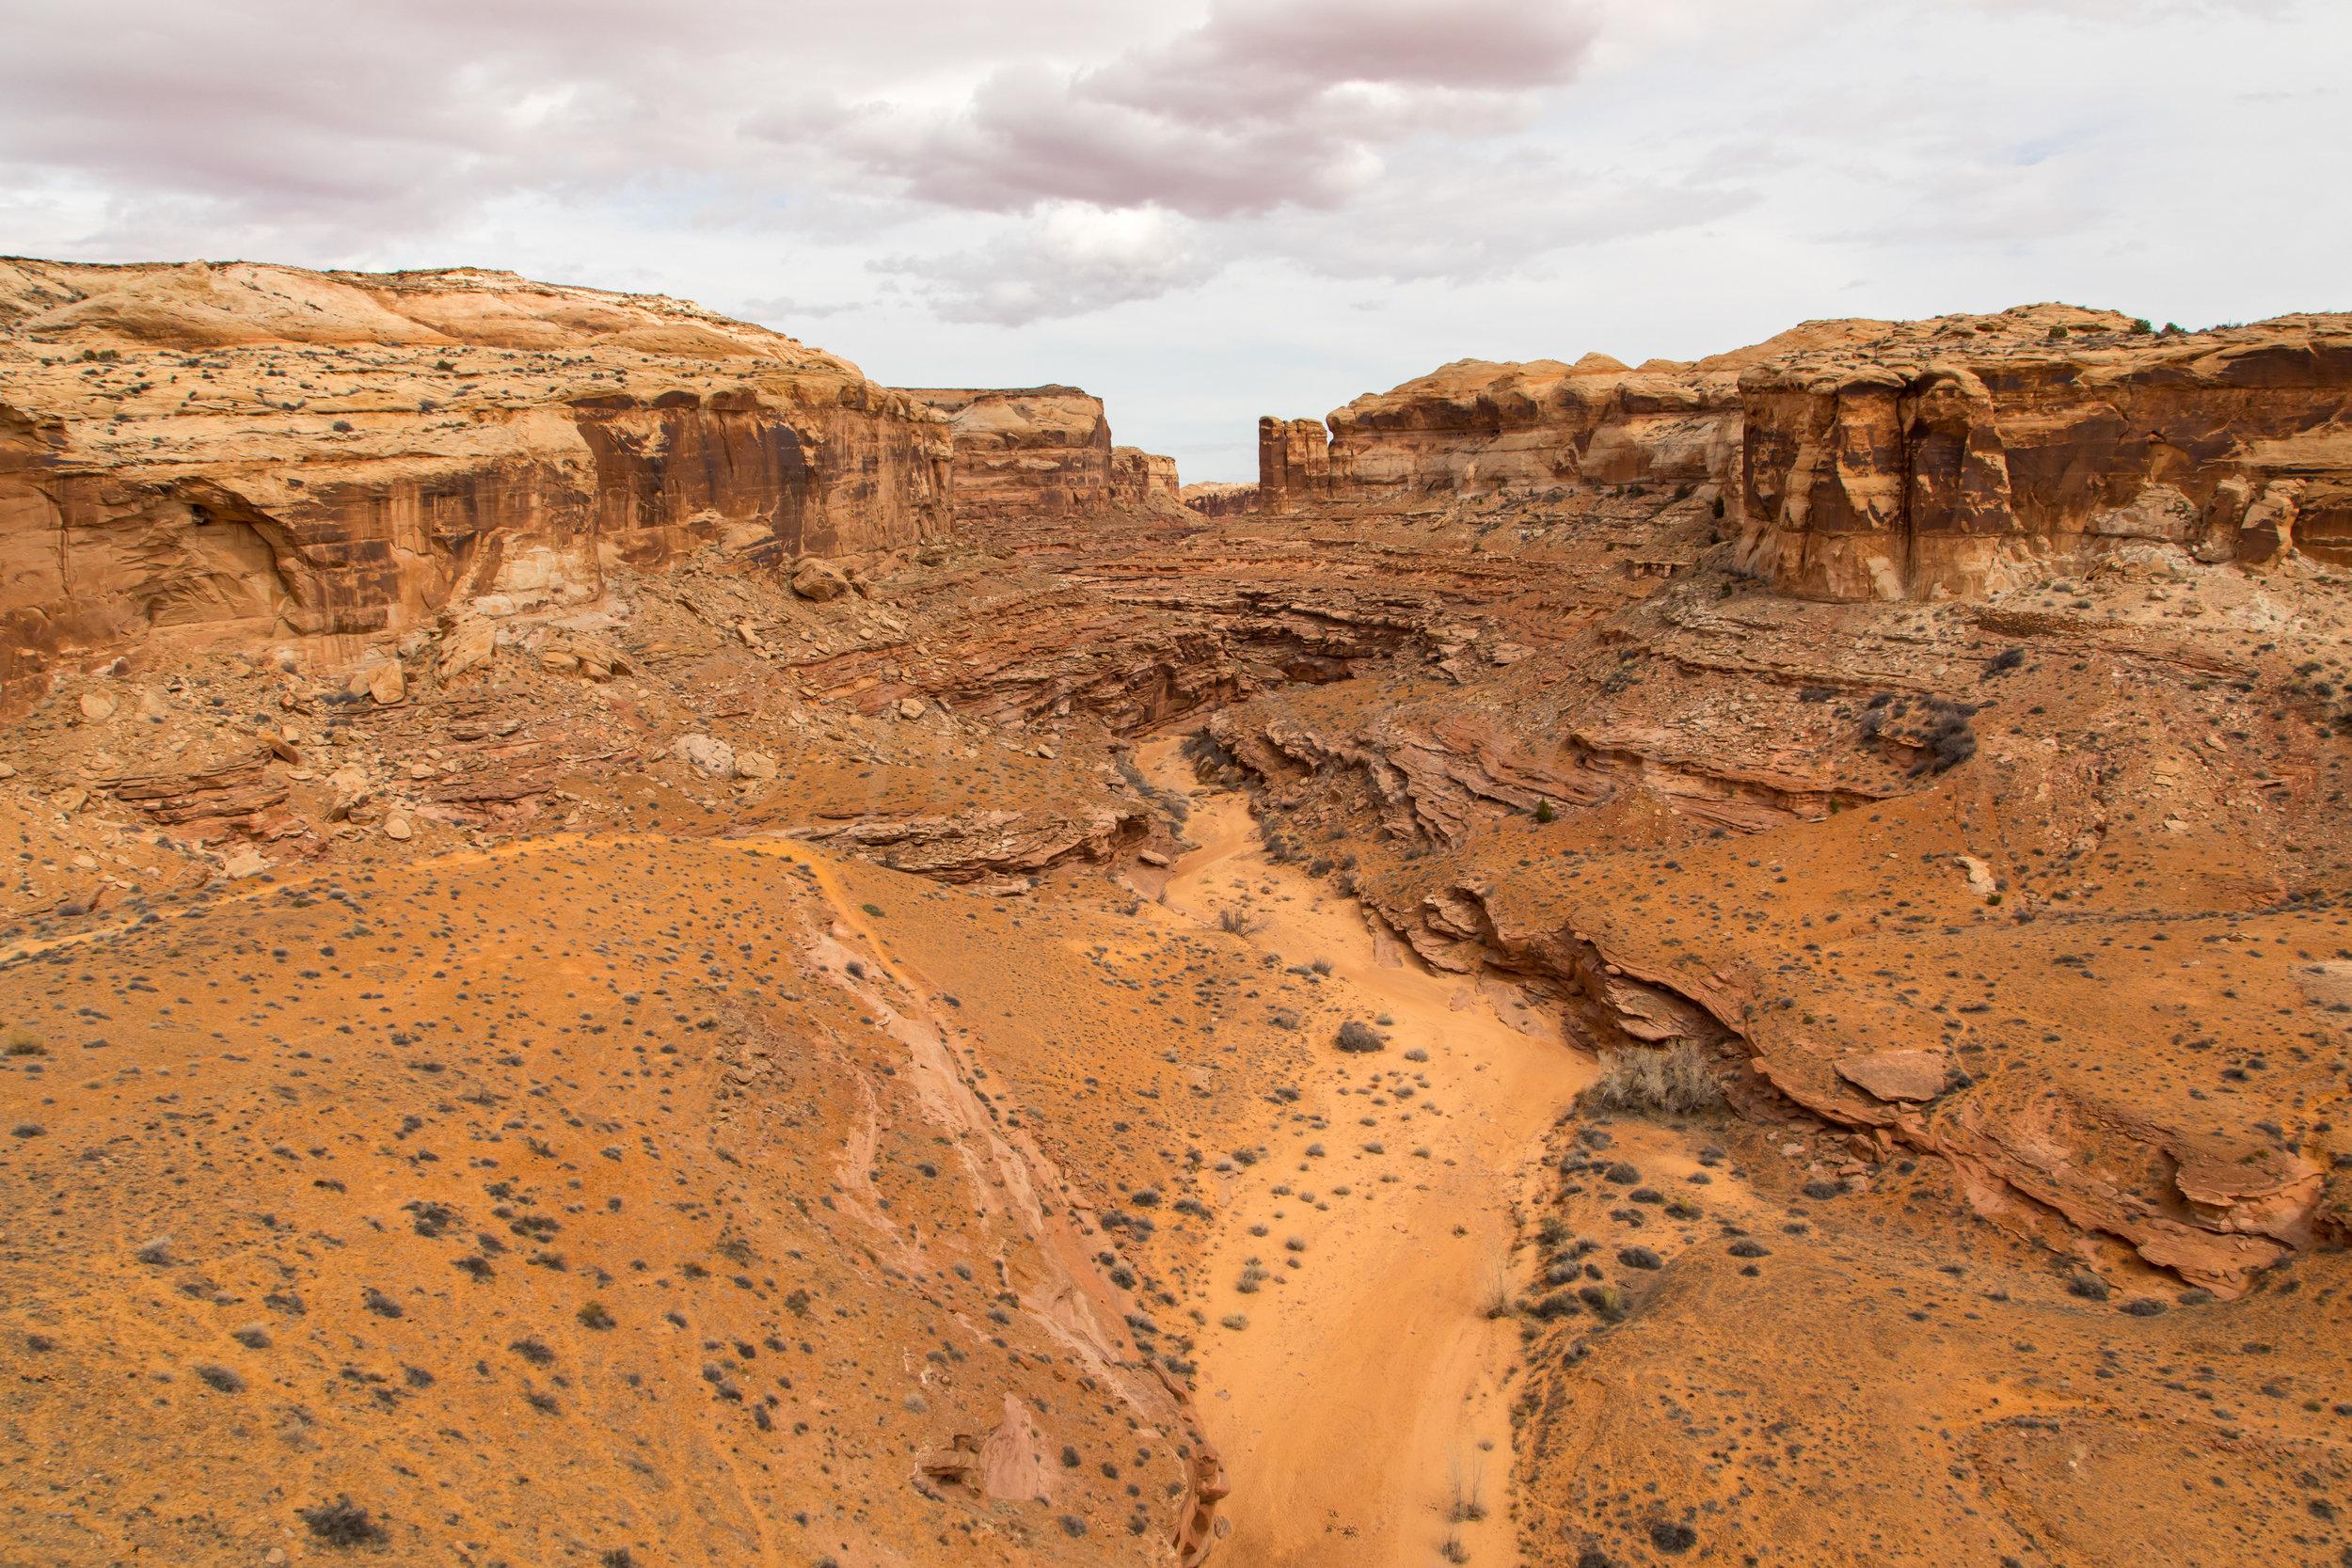 Horseshoe Canyon, Image # 9267